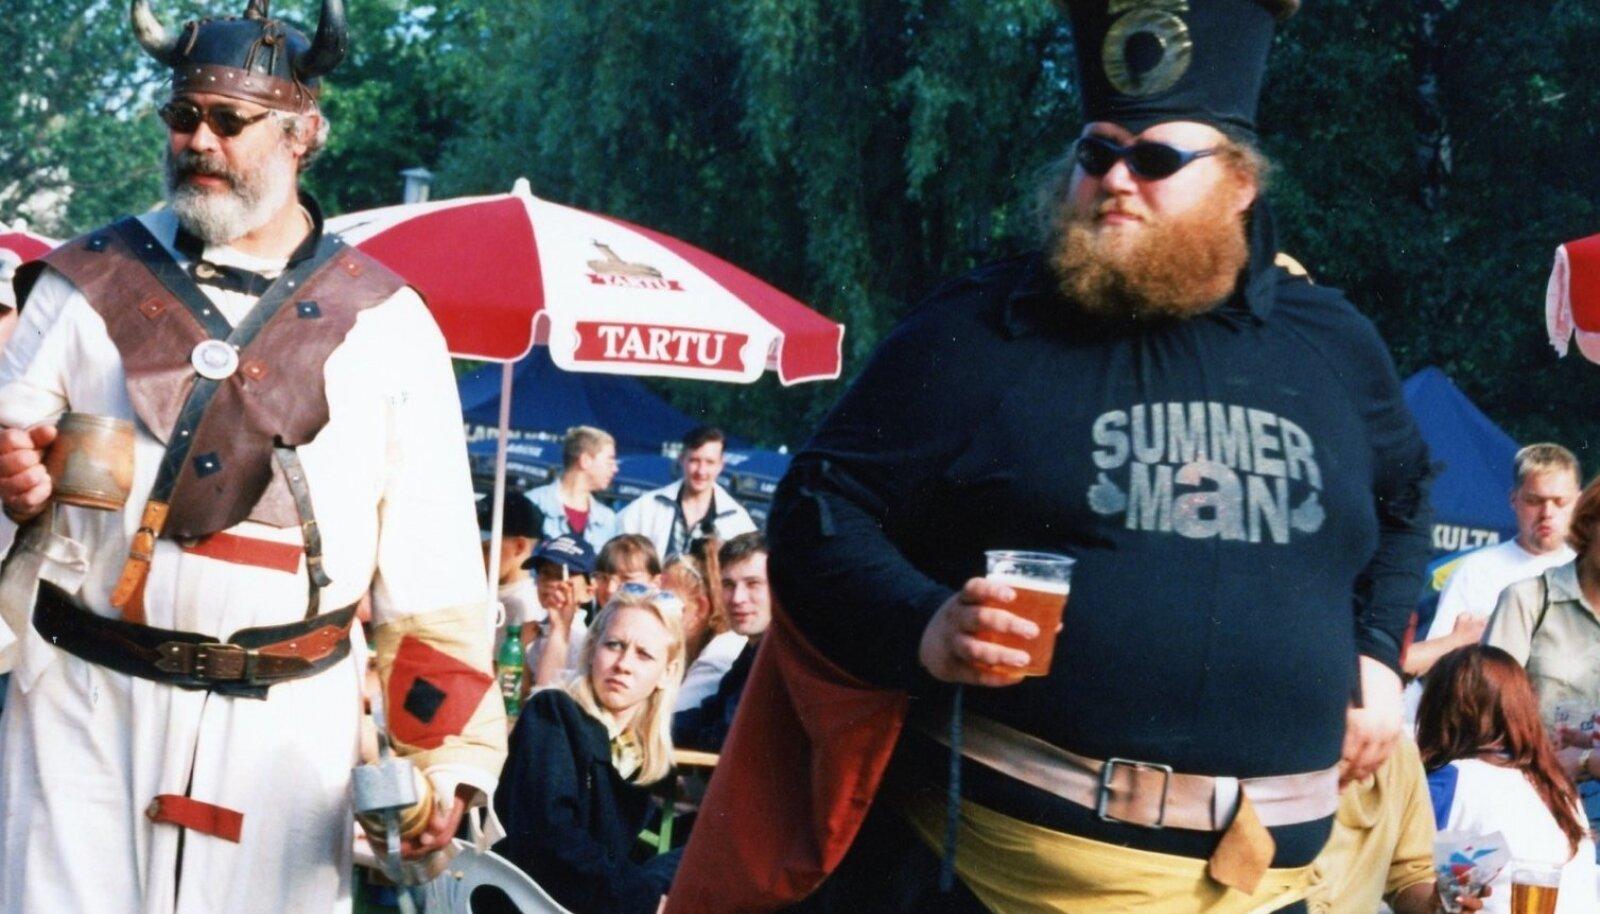 SUMMER MAN JA ÕLLEVIIKING: Õllesummer oli 1998. aastal üks suve suuremaid üritusi, kui mitte suurim.